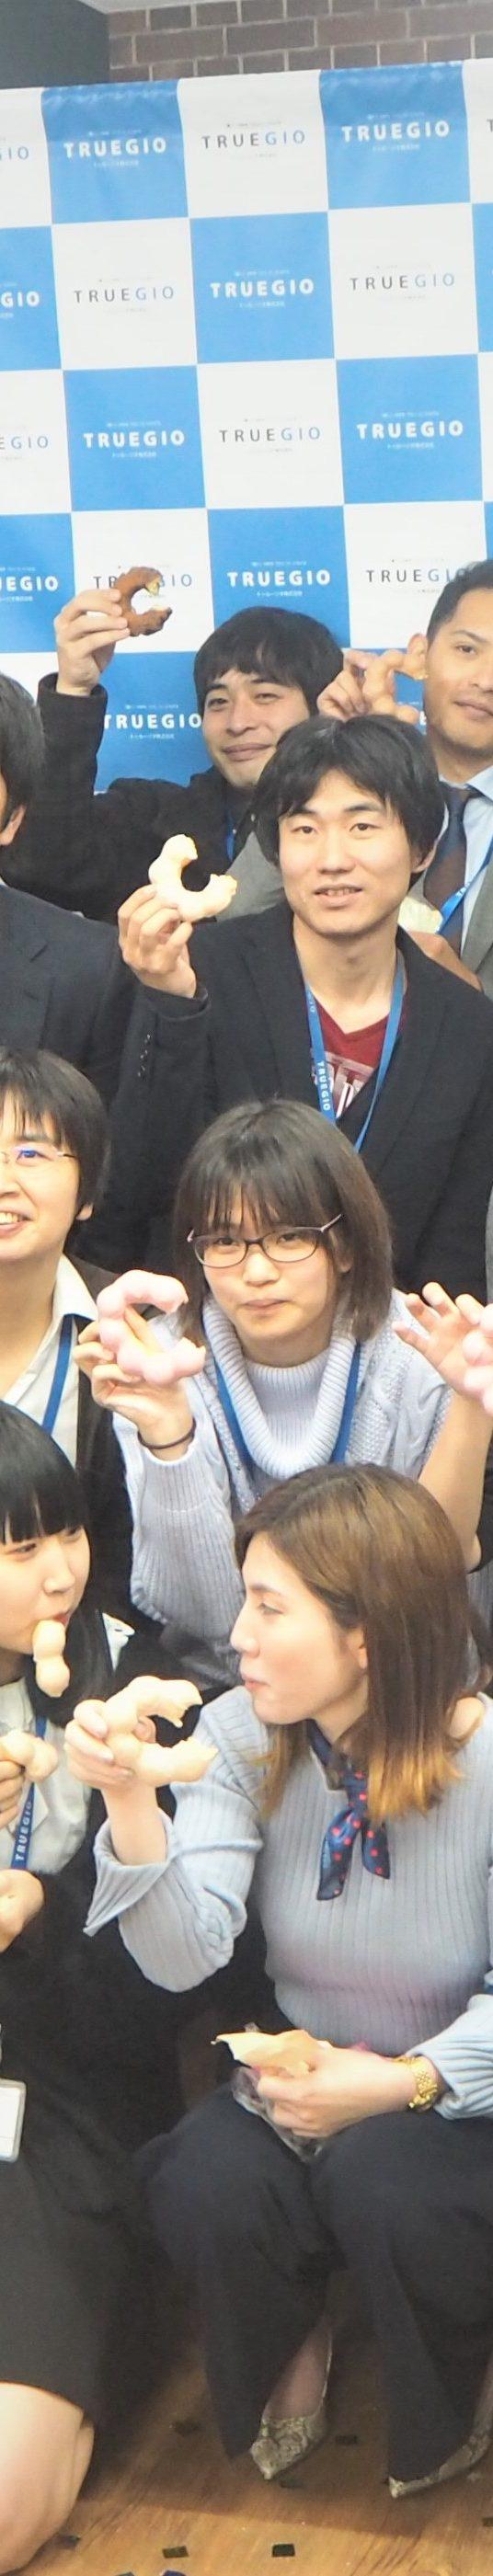 西日本山口センターの引越し、移転記念式典、社内交流会レポート